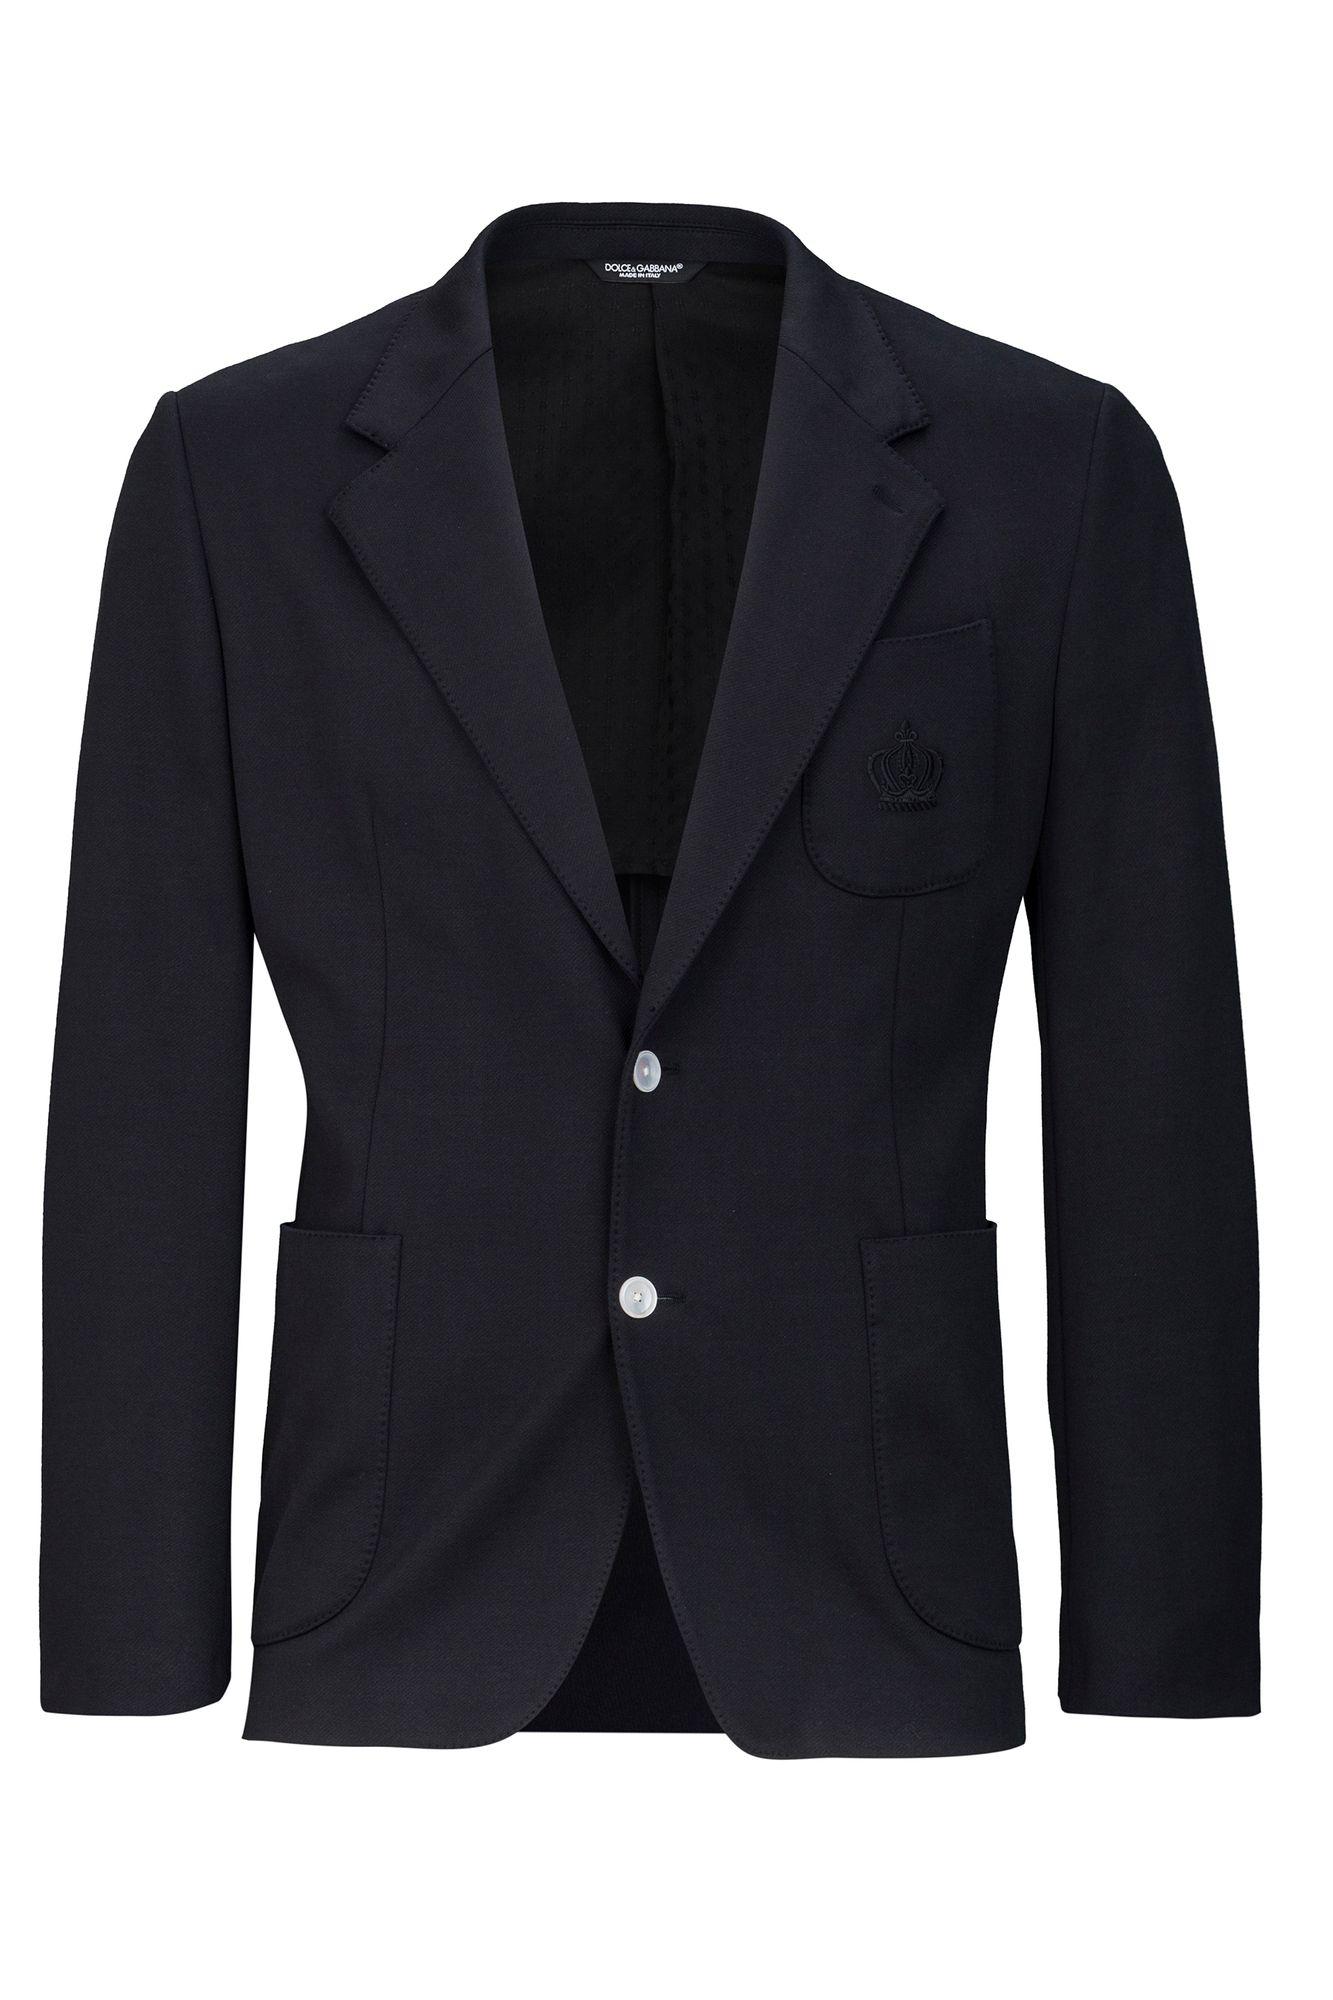 fcdb074f5394f4 Dolce   Gabbana Herren Jacke Herren Kleidung Jacken   Mäntel Jacken